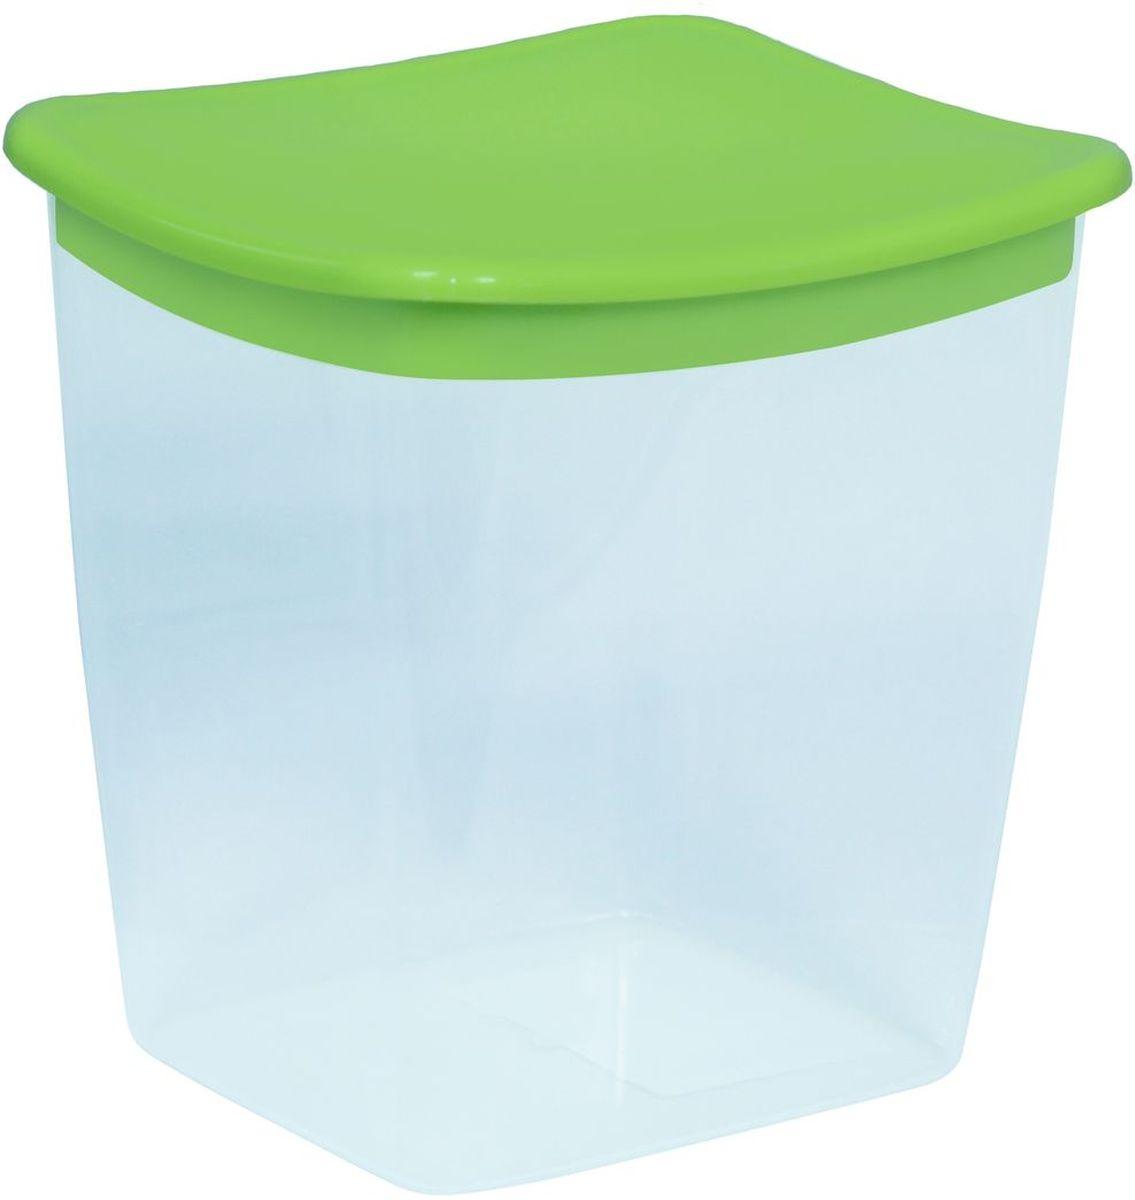 Емкость для сыпучих продуктов Idea, квадратная, цвет: салатовый, 1 л19721_прозрачный, голубойЕмкость Idea выполнена из пищевого полипропилена и предназначена для хранения сыпучих продуктов. Не содержит Бисфенол A. Изделие оснащено плотно закрывающейся крышкой, благодаря которой продукты дольше остаются свежими.